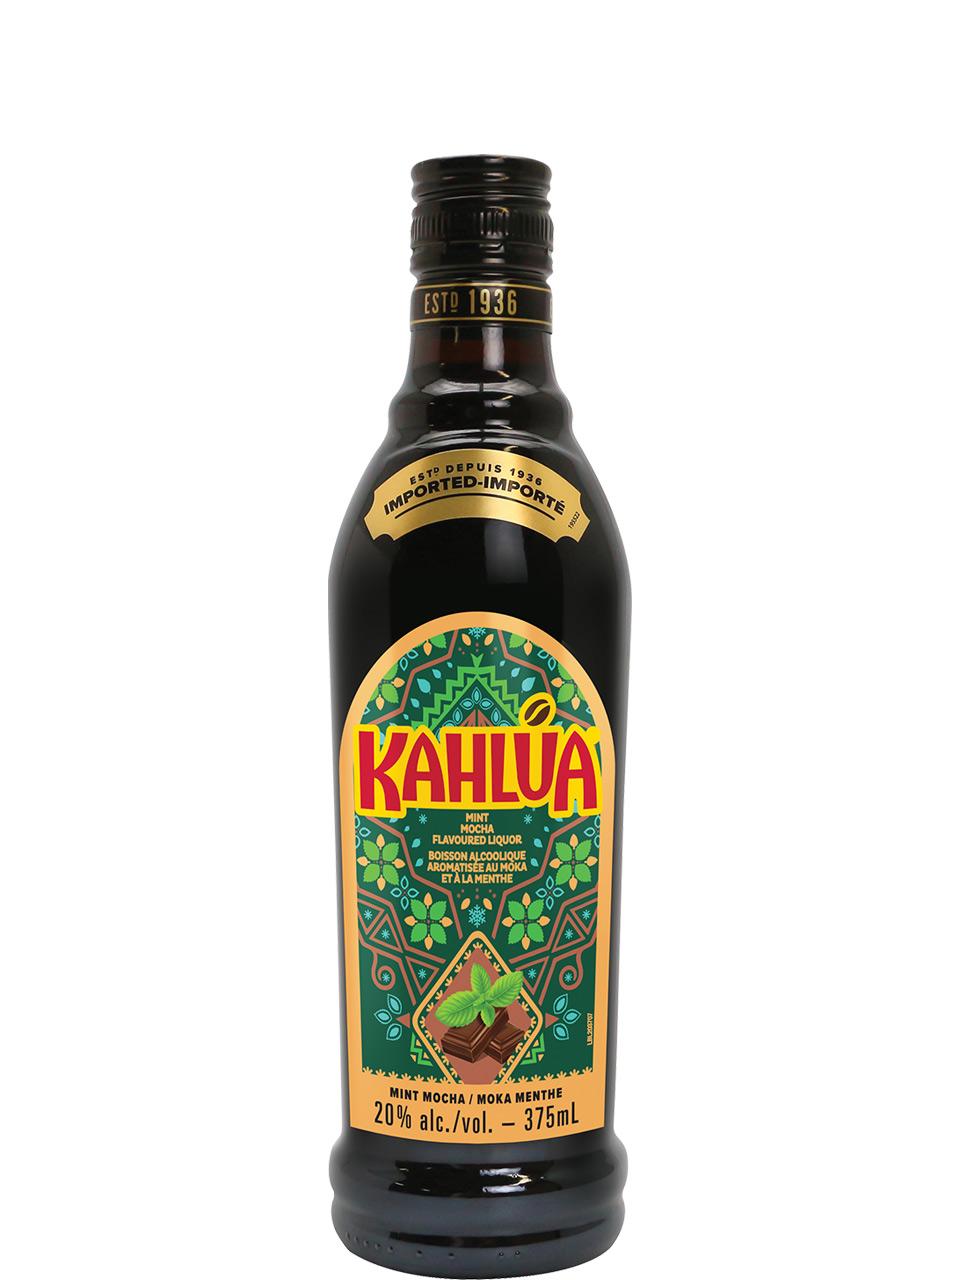 Kahlua Mint Mocha Limited Edition Liqueur